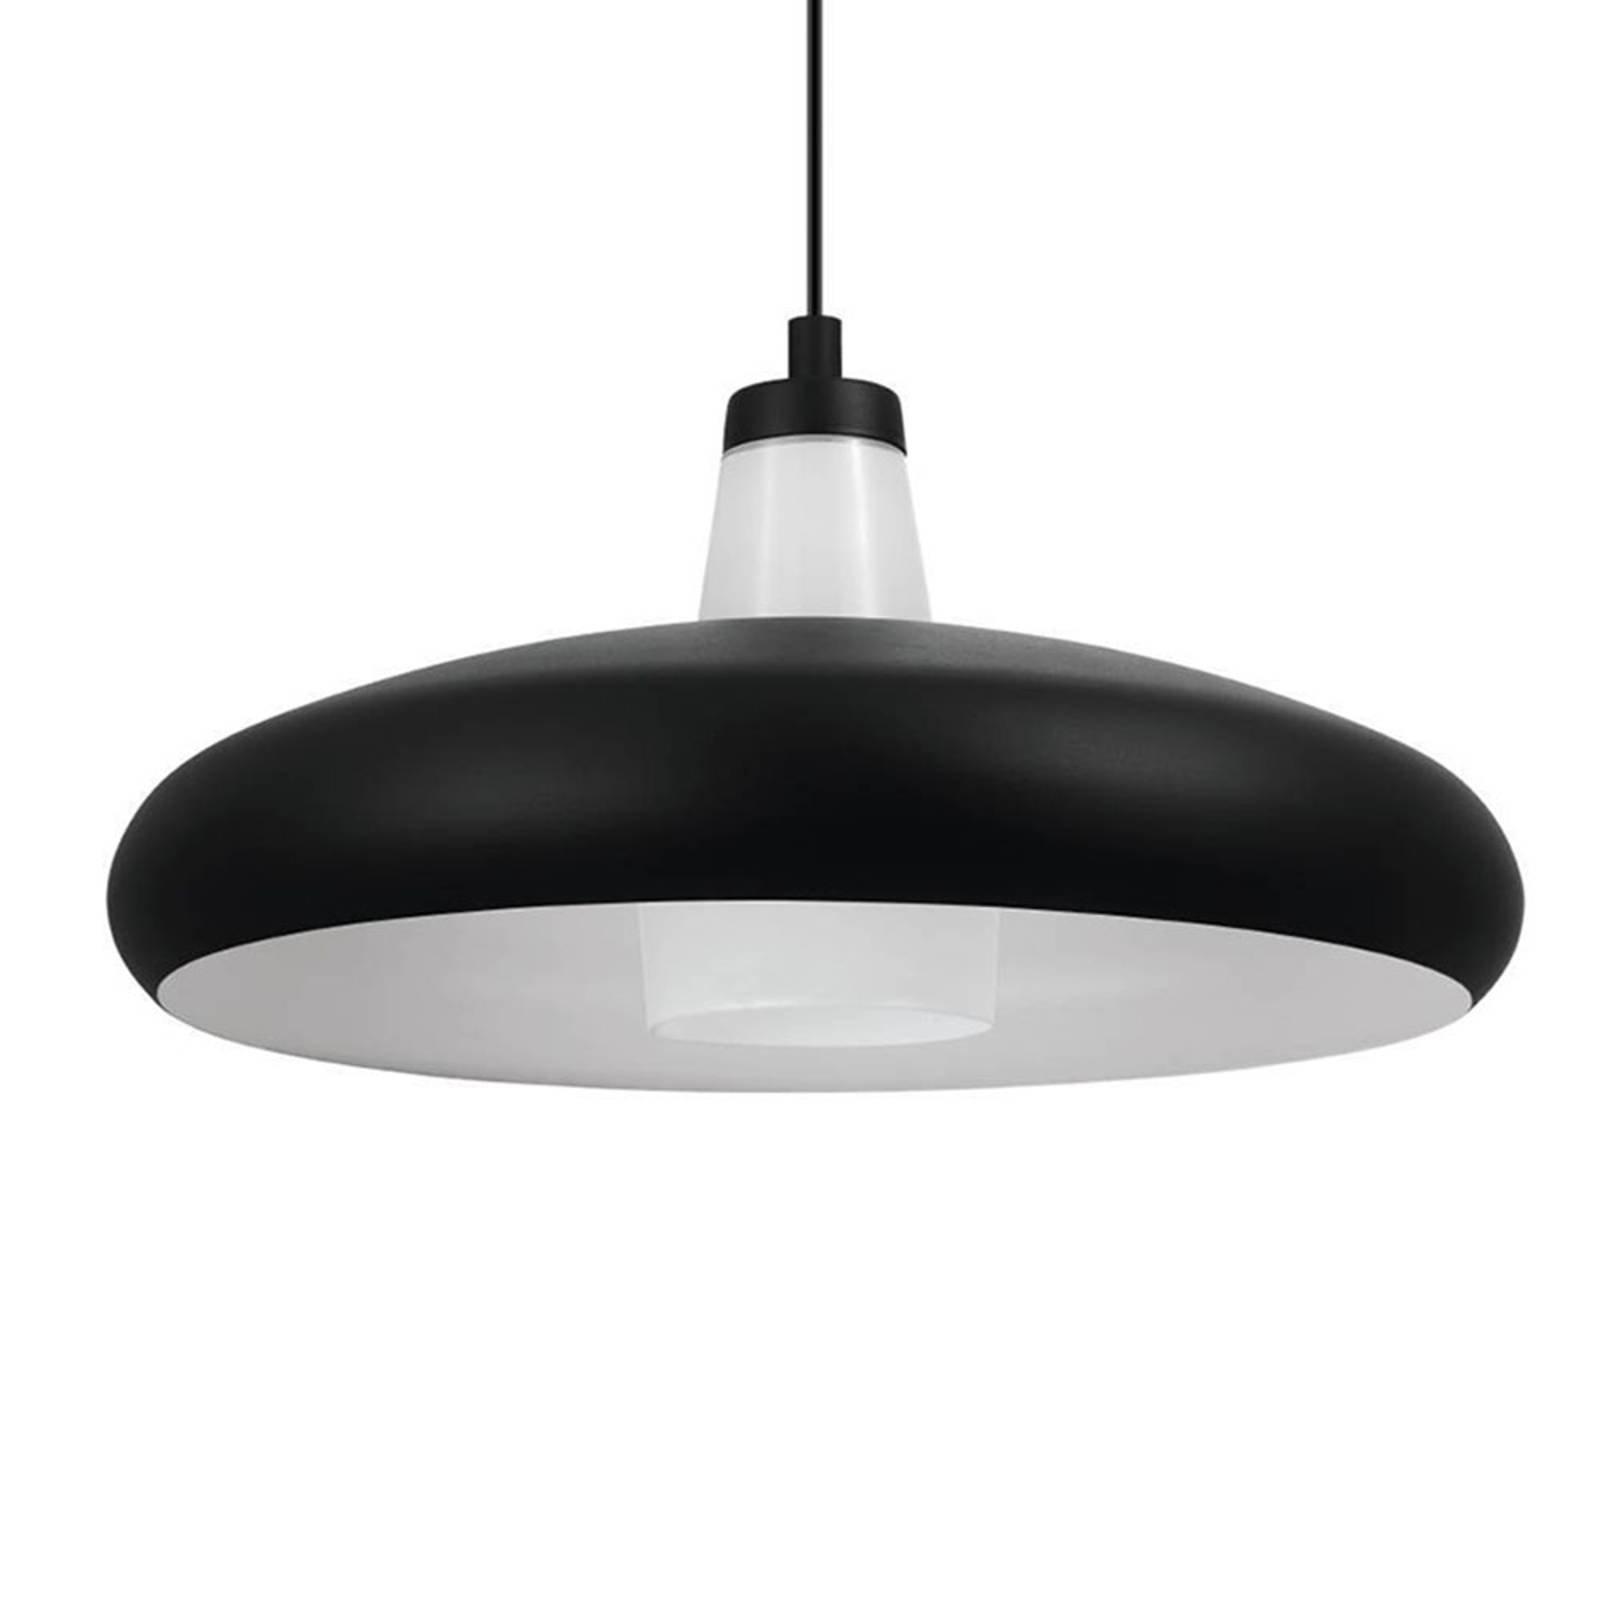 EGLO connect Tabanera-C LED-hengelampe